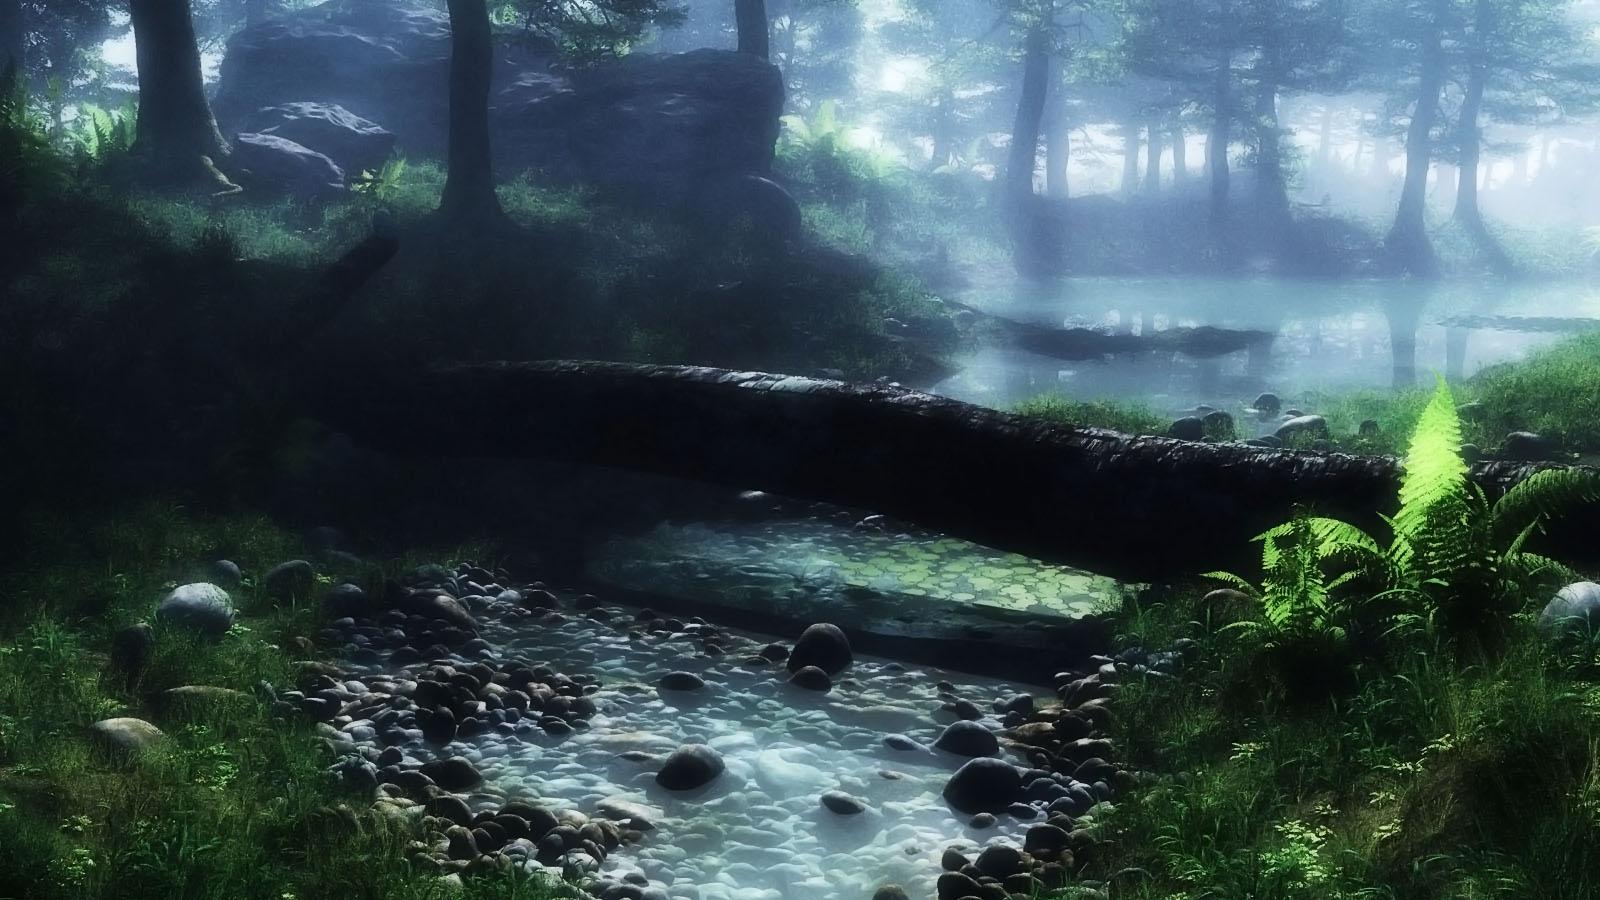 Morning at Swamp by hoangphamvfx